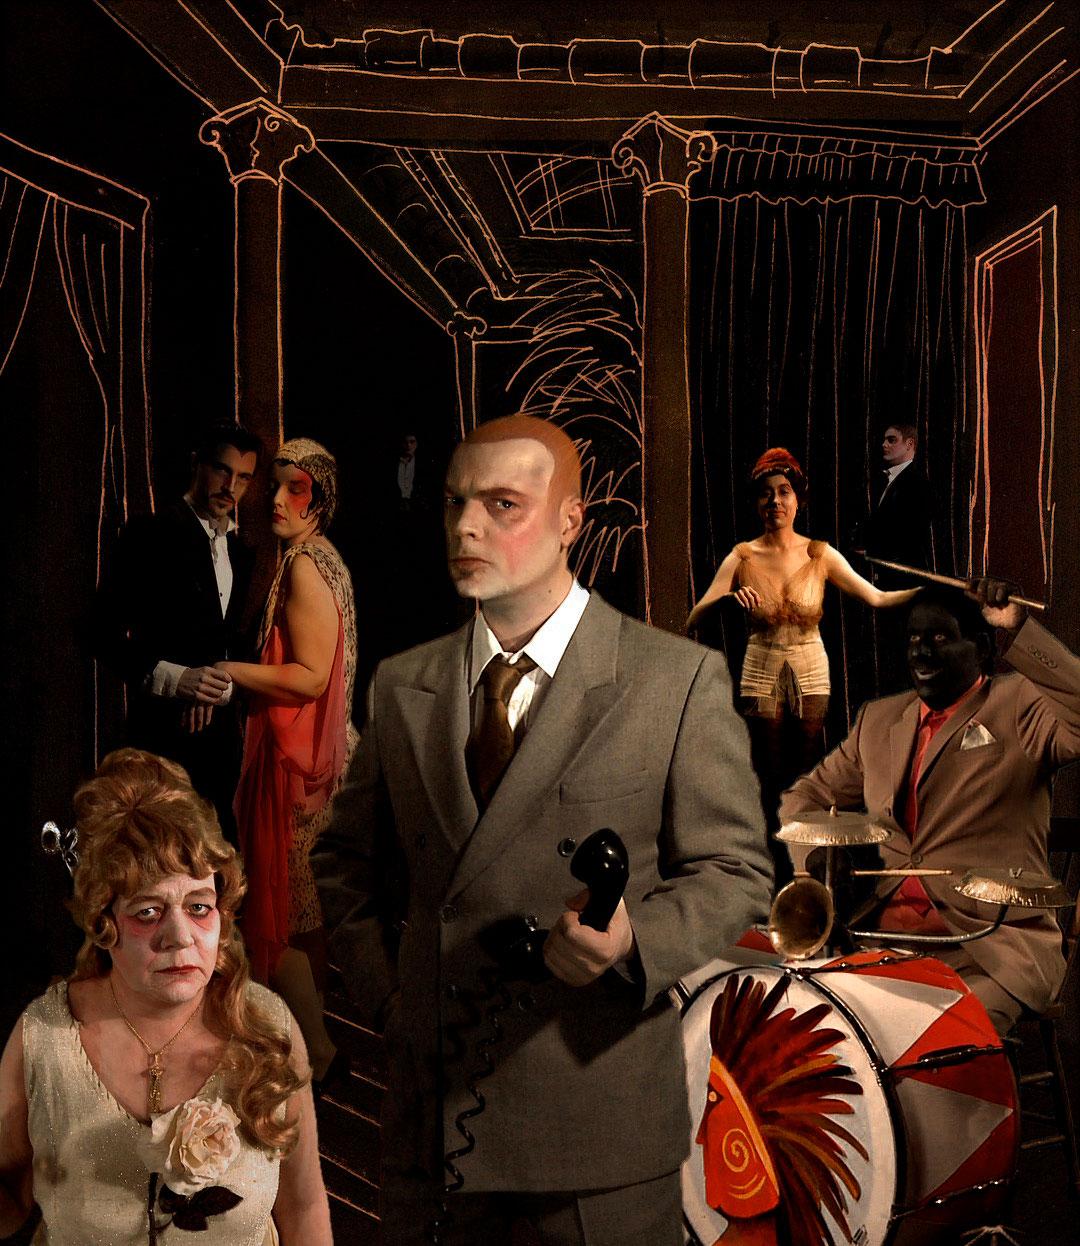 Tableaux, 2011, Claudie Gagnon, Vidéogramme couleur, 21 min. 31 sec., son.